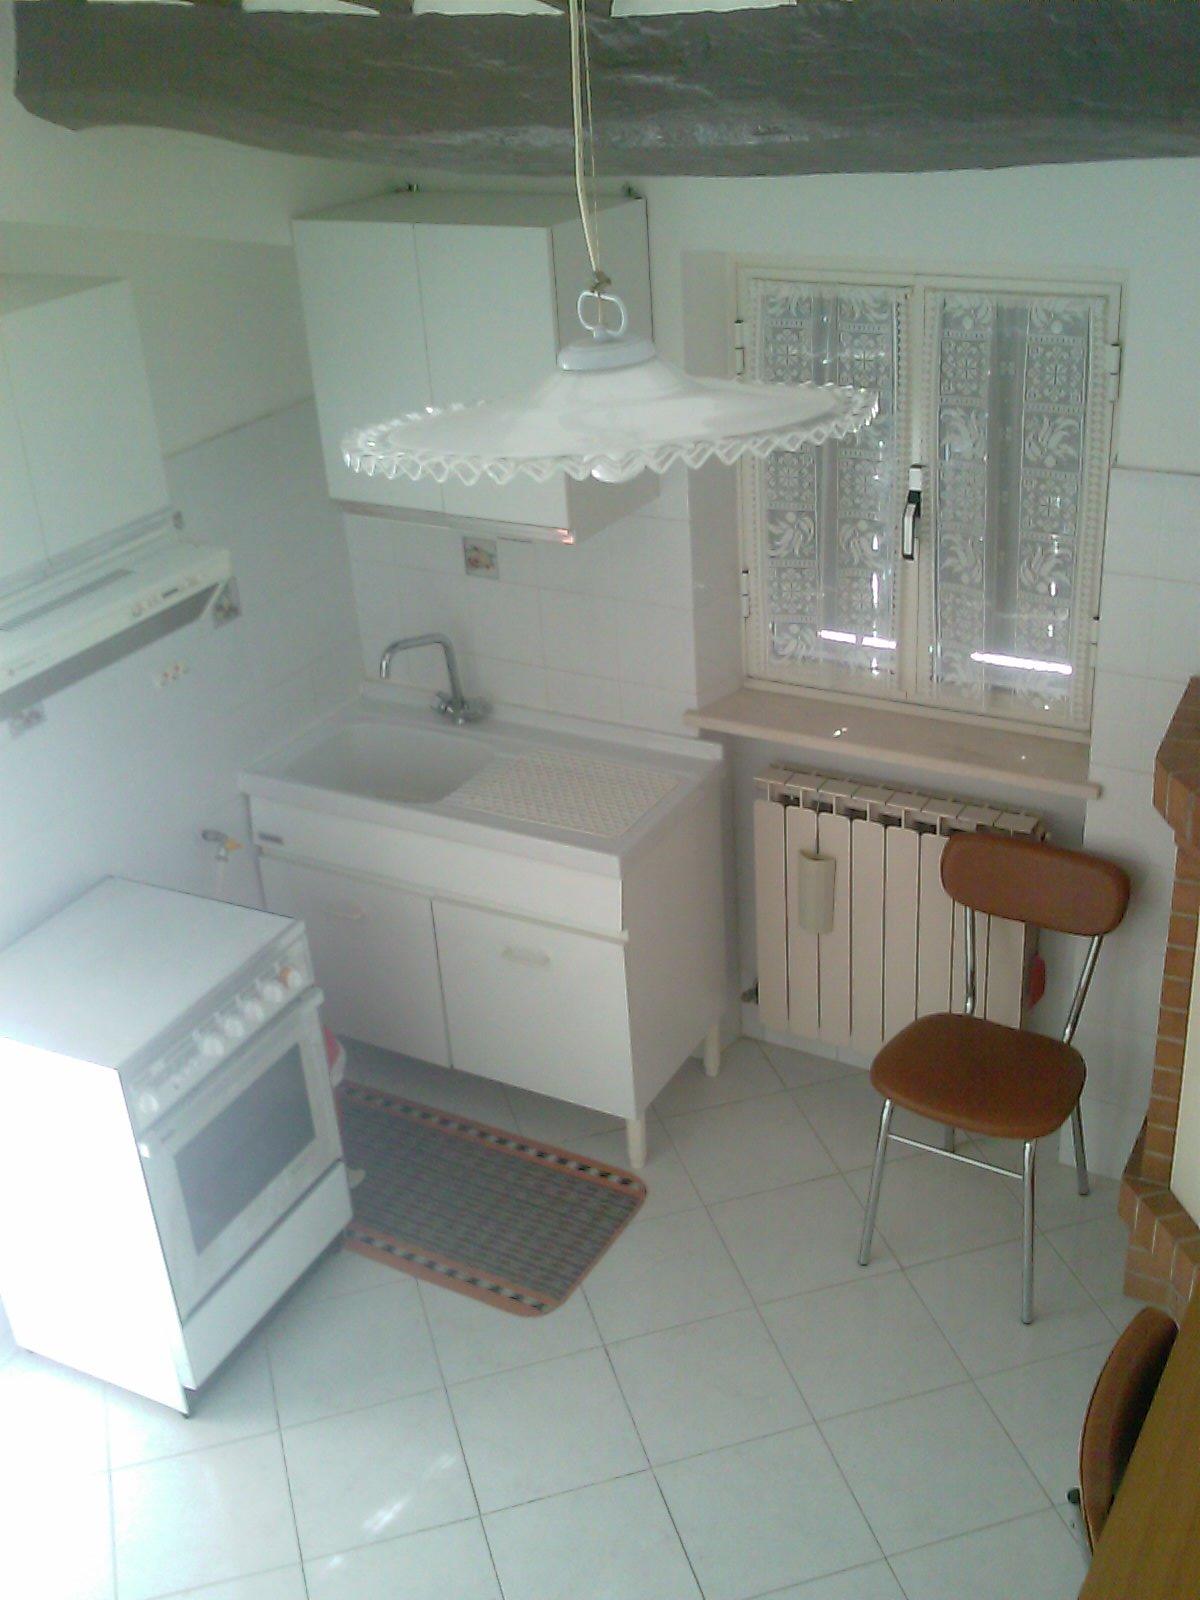 Vendita casa indipendente castelraimondo macerata for Case con 4 camere da letto con seminterrato finito in vendita